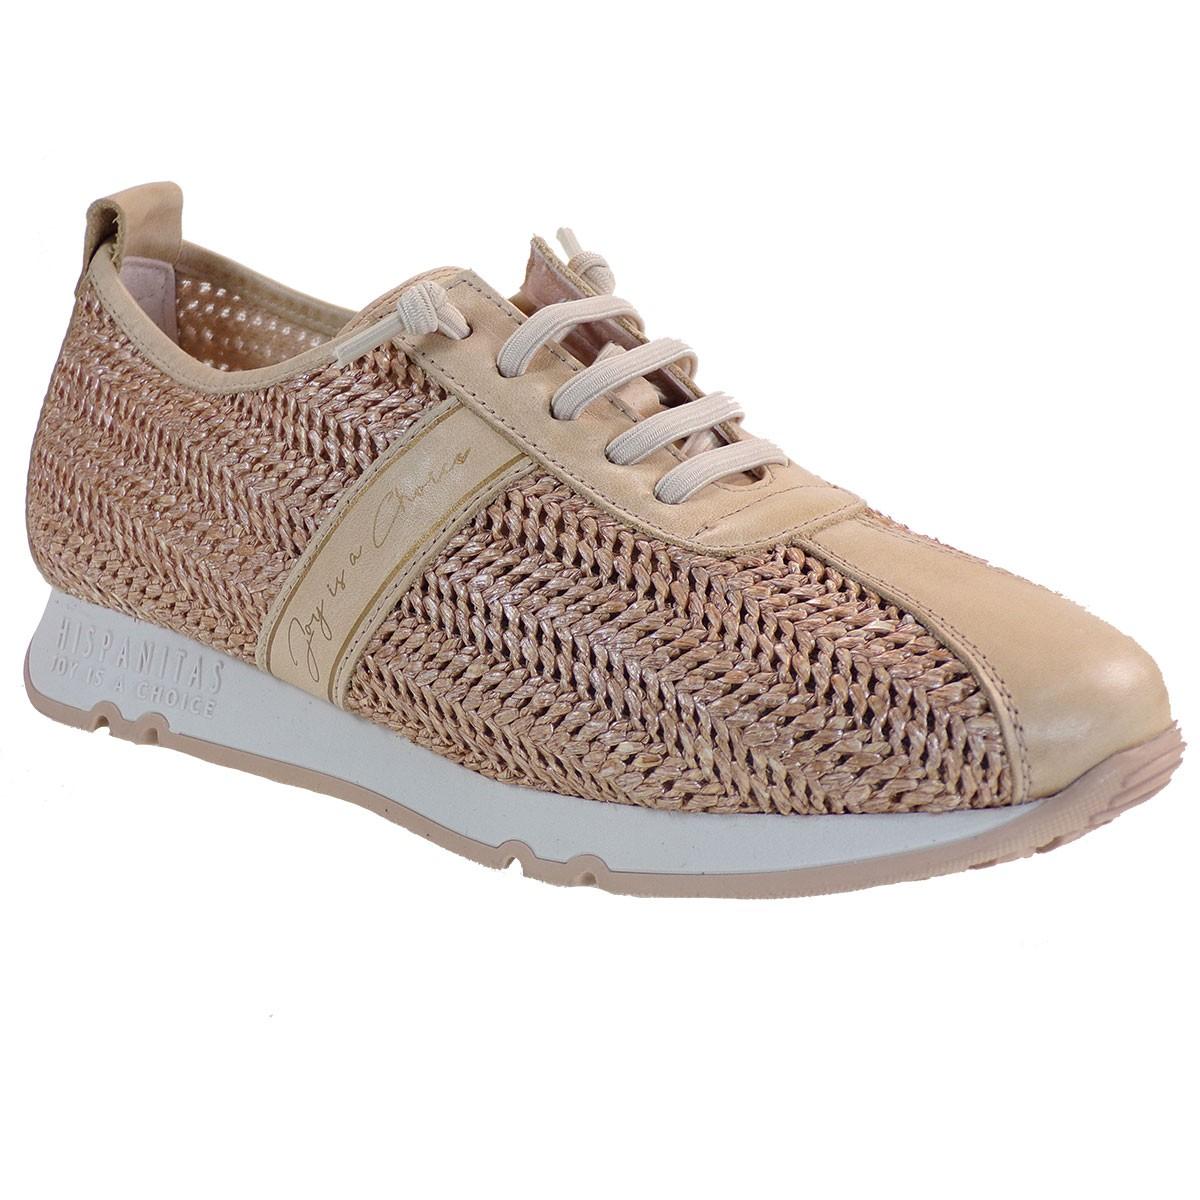 Hispanitas Γυναικεία Casual Sneakers HV00017 Μπέζ Δέρμα